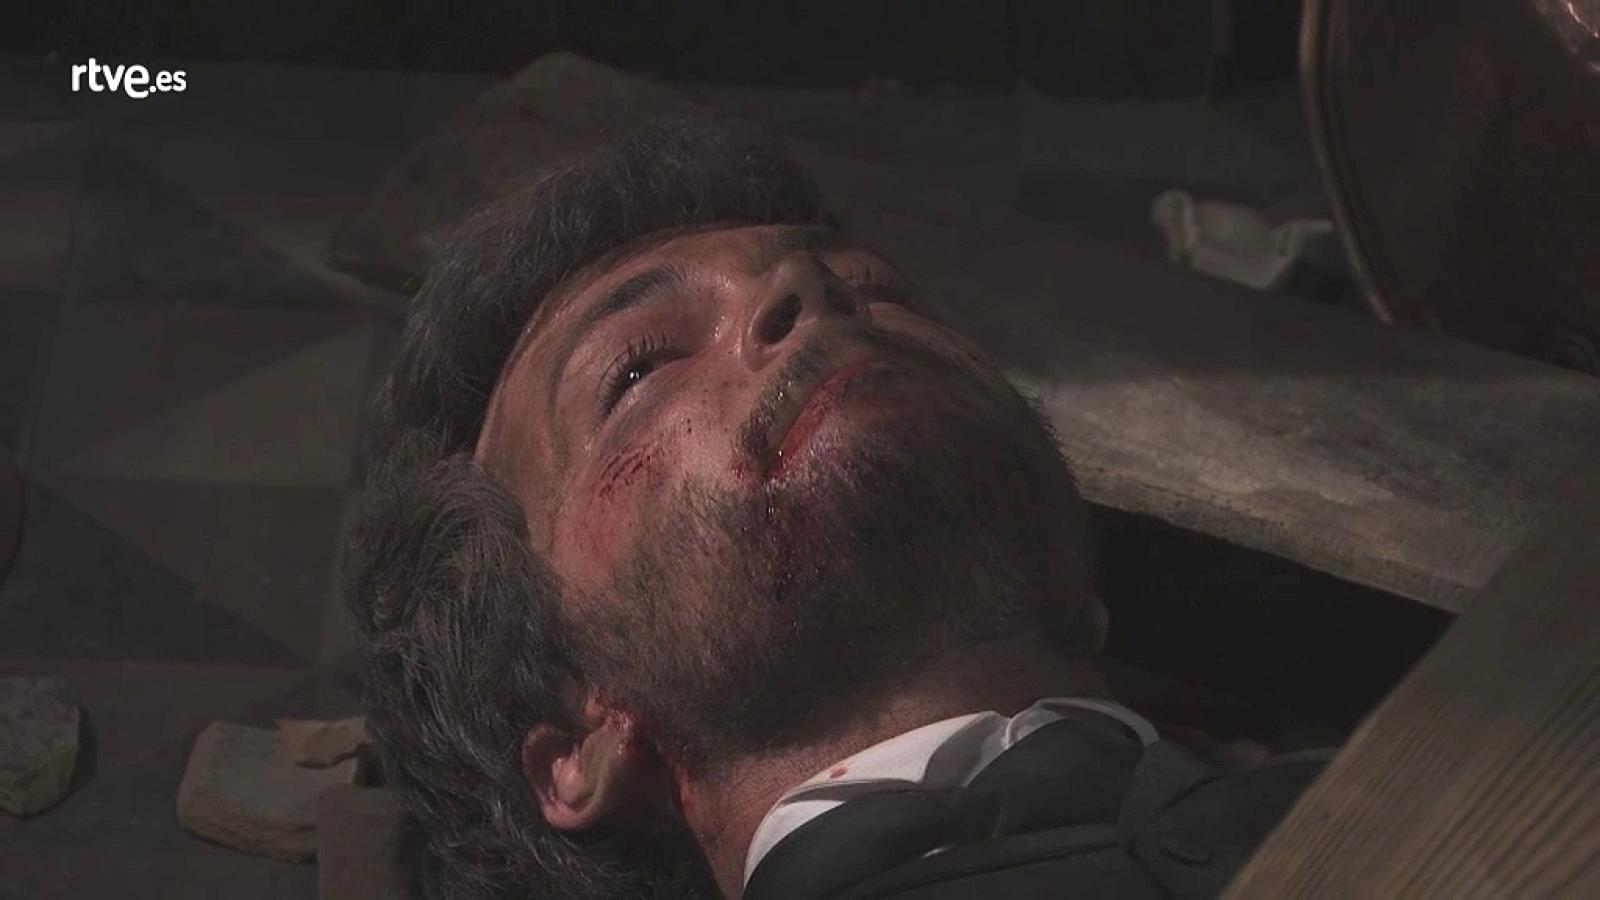 Una Vita: Pablo rimane intrappolato sotto le travi del soffitto